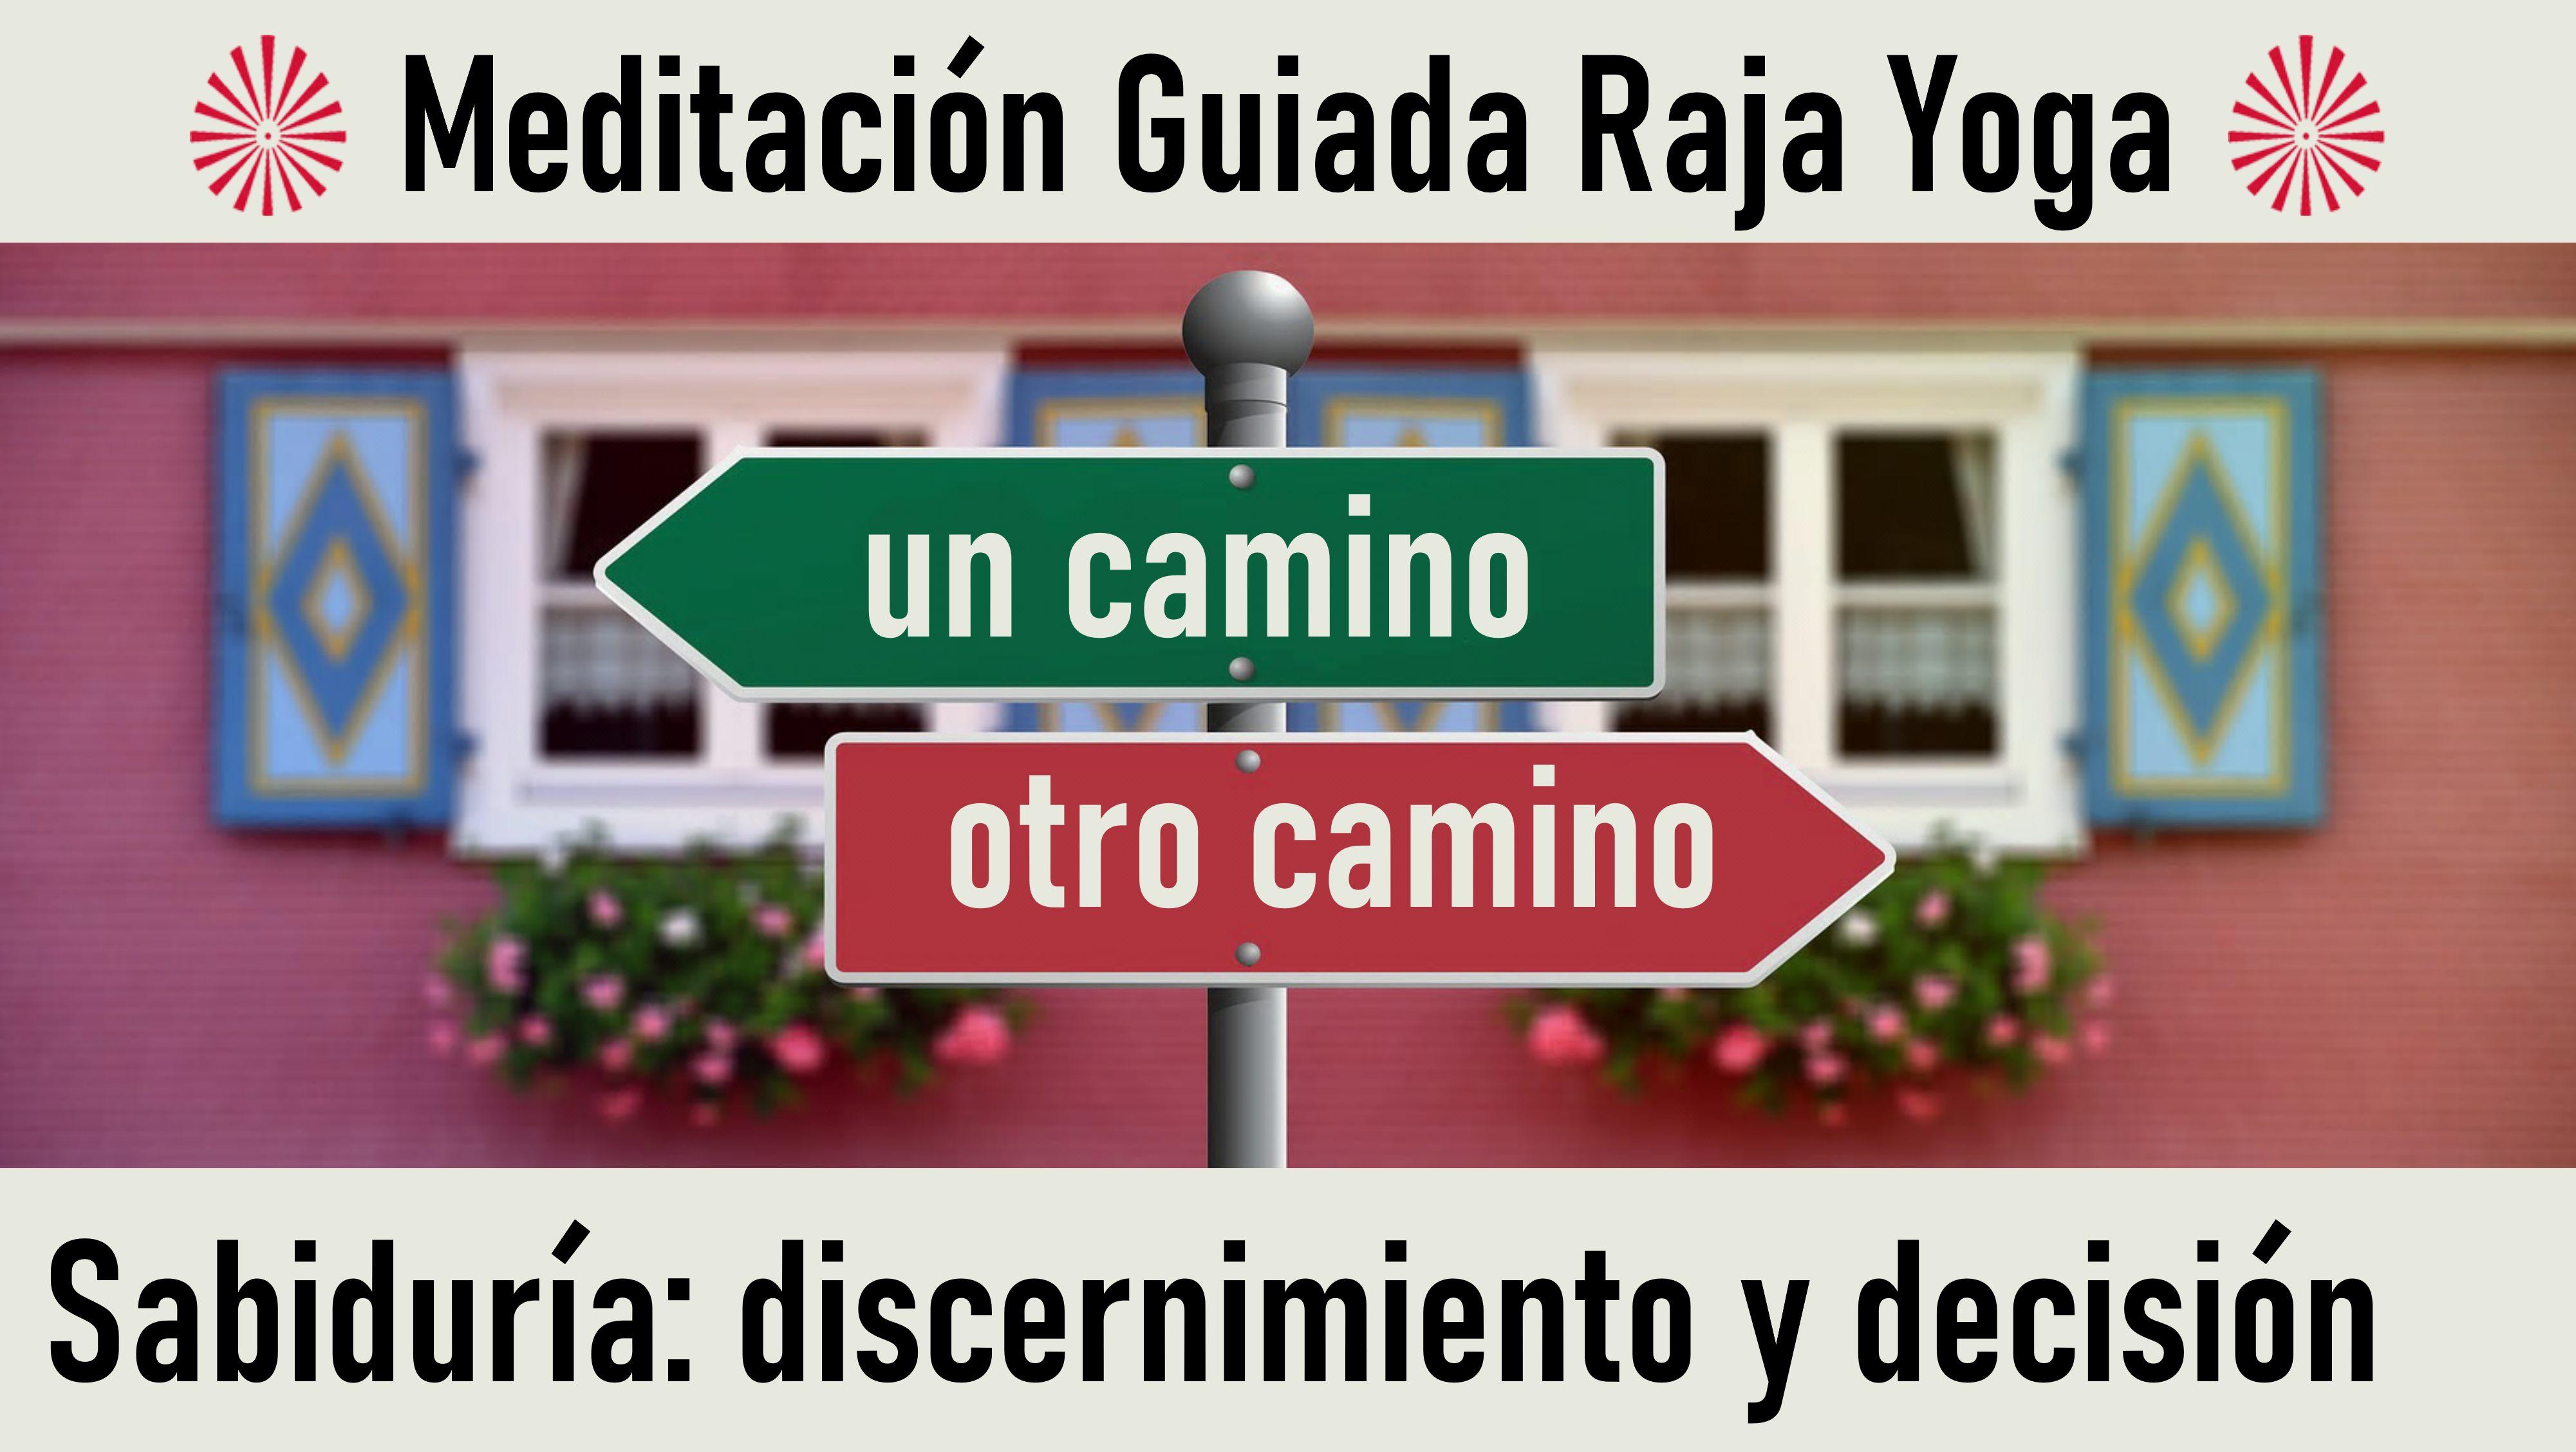 Meditación Raja Yoga:  Sabiduría  discernimiento y decisión (20 Mayo 2020) On-line desde Sevilla